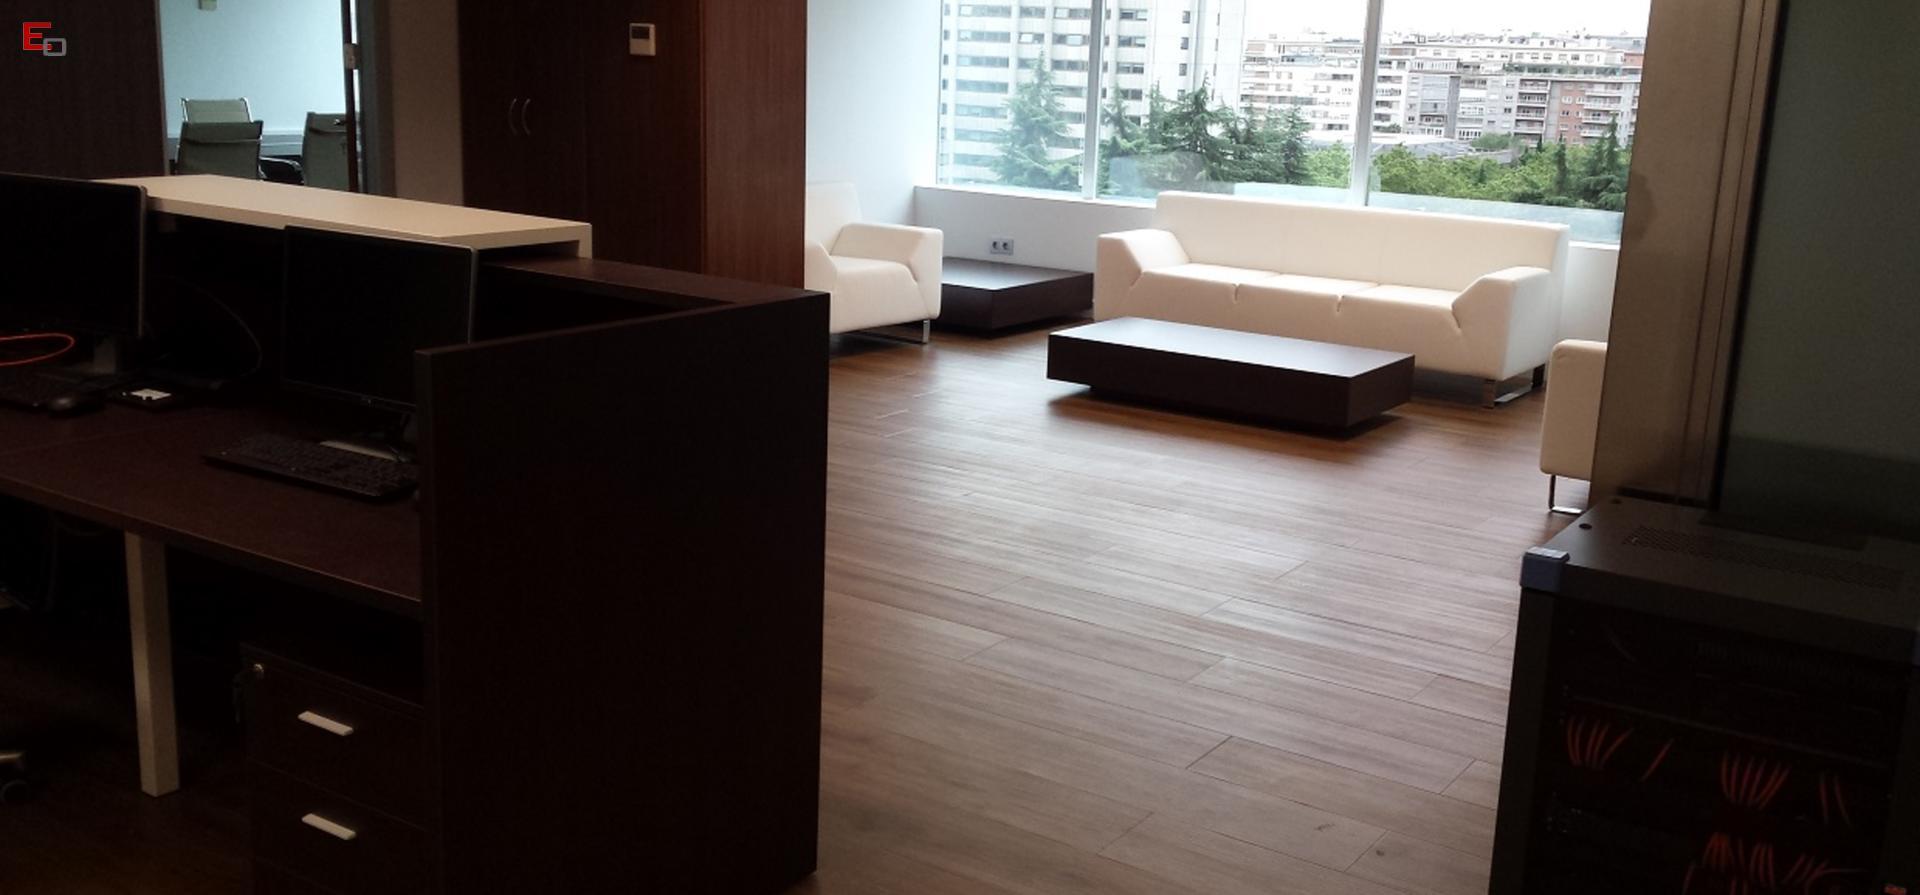 Reformas de oficina en madrid espacios de oficina for Espacios de oficina